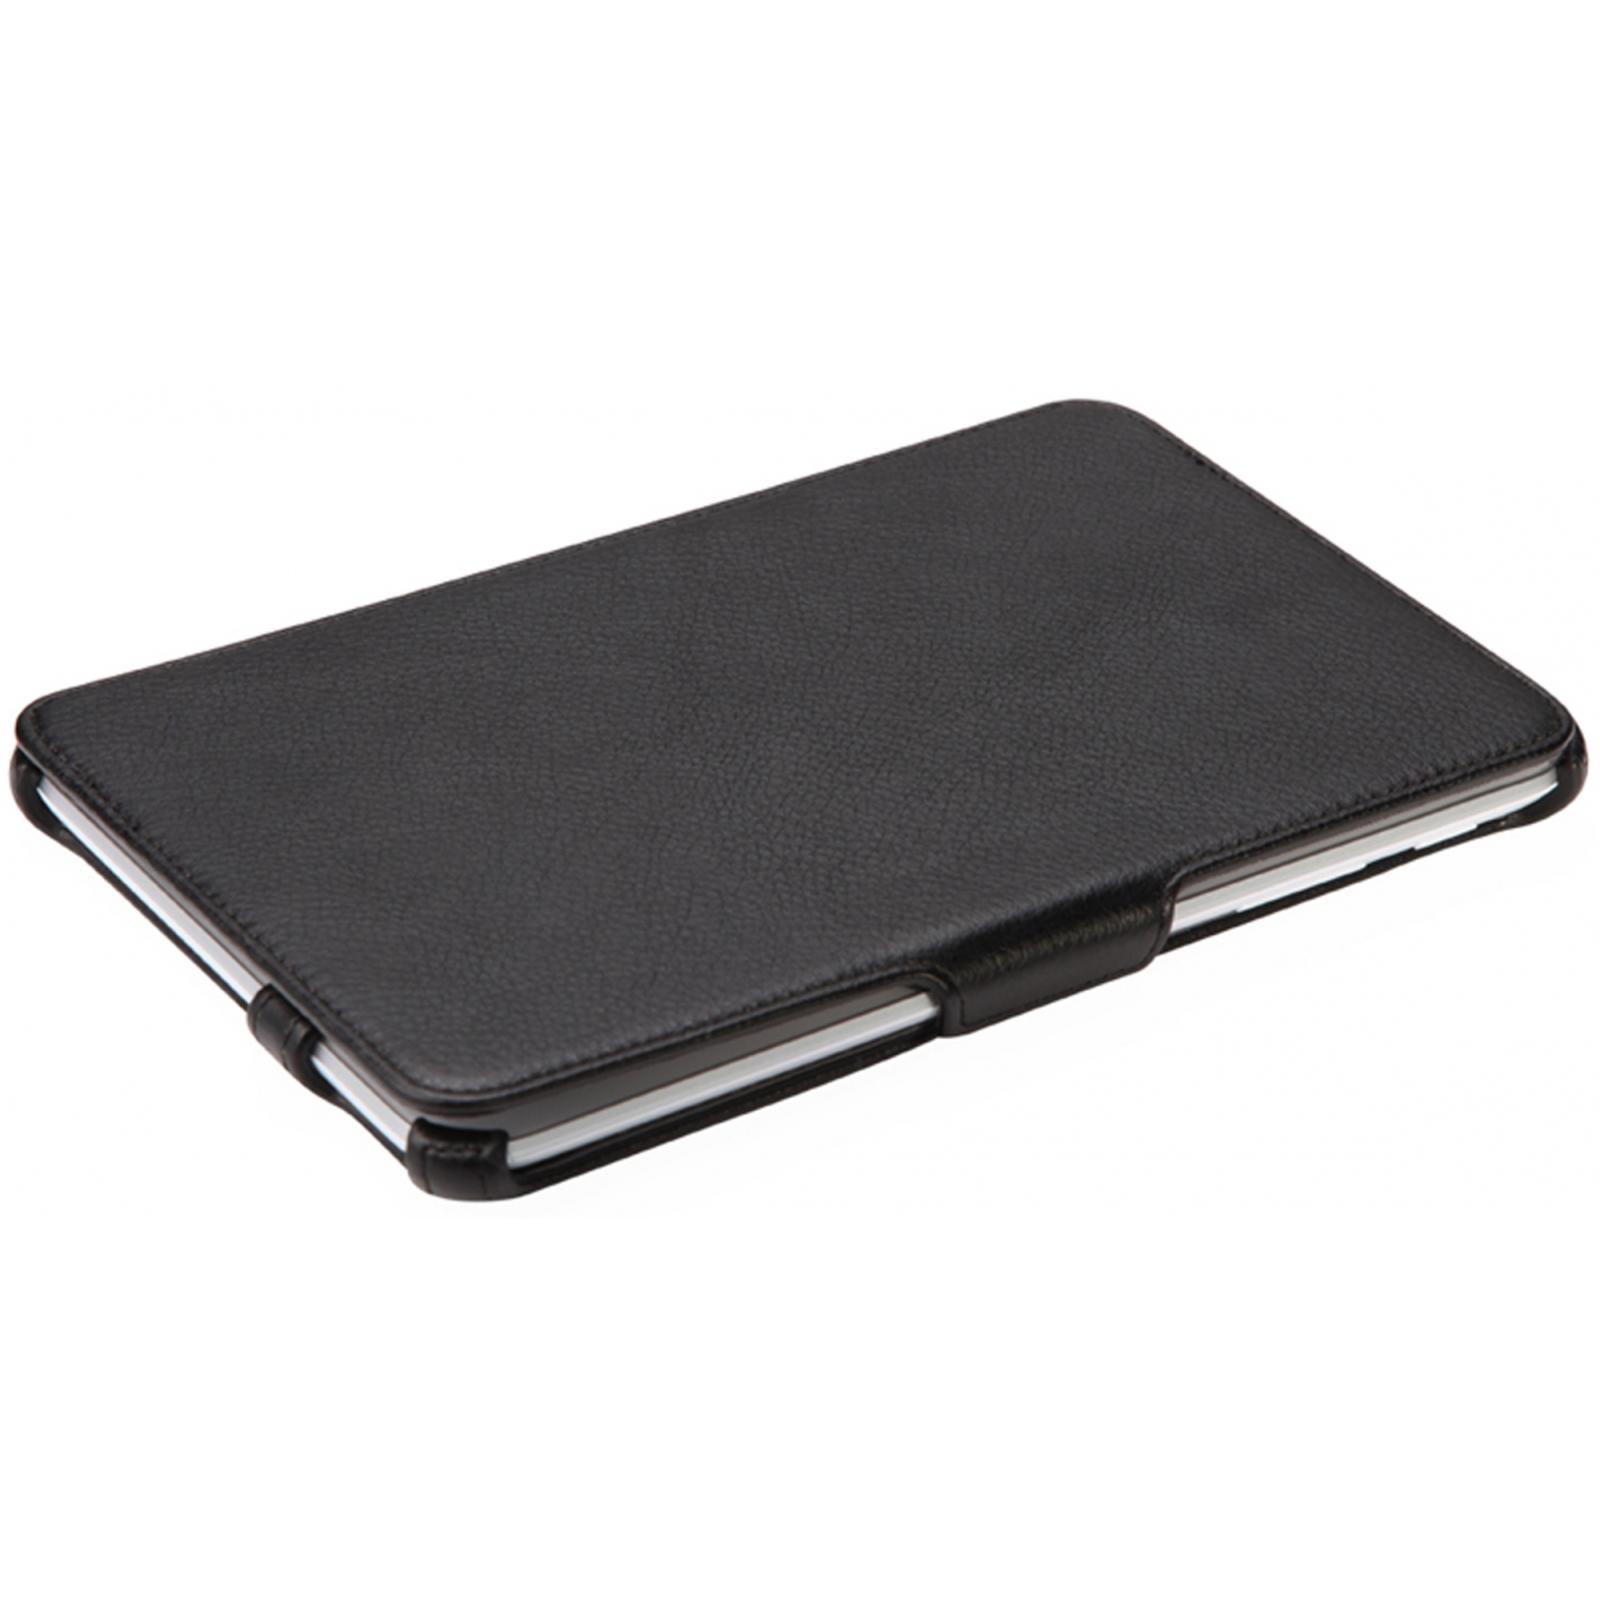 Чехол для планшета AirOn для Asus MeMO Pad 8 black (6946795830153) изображение 4